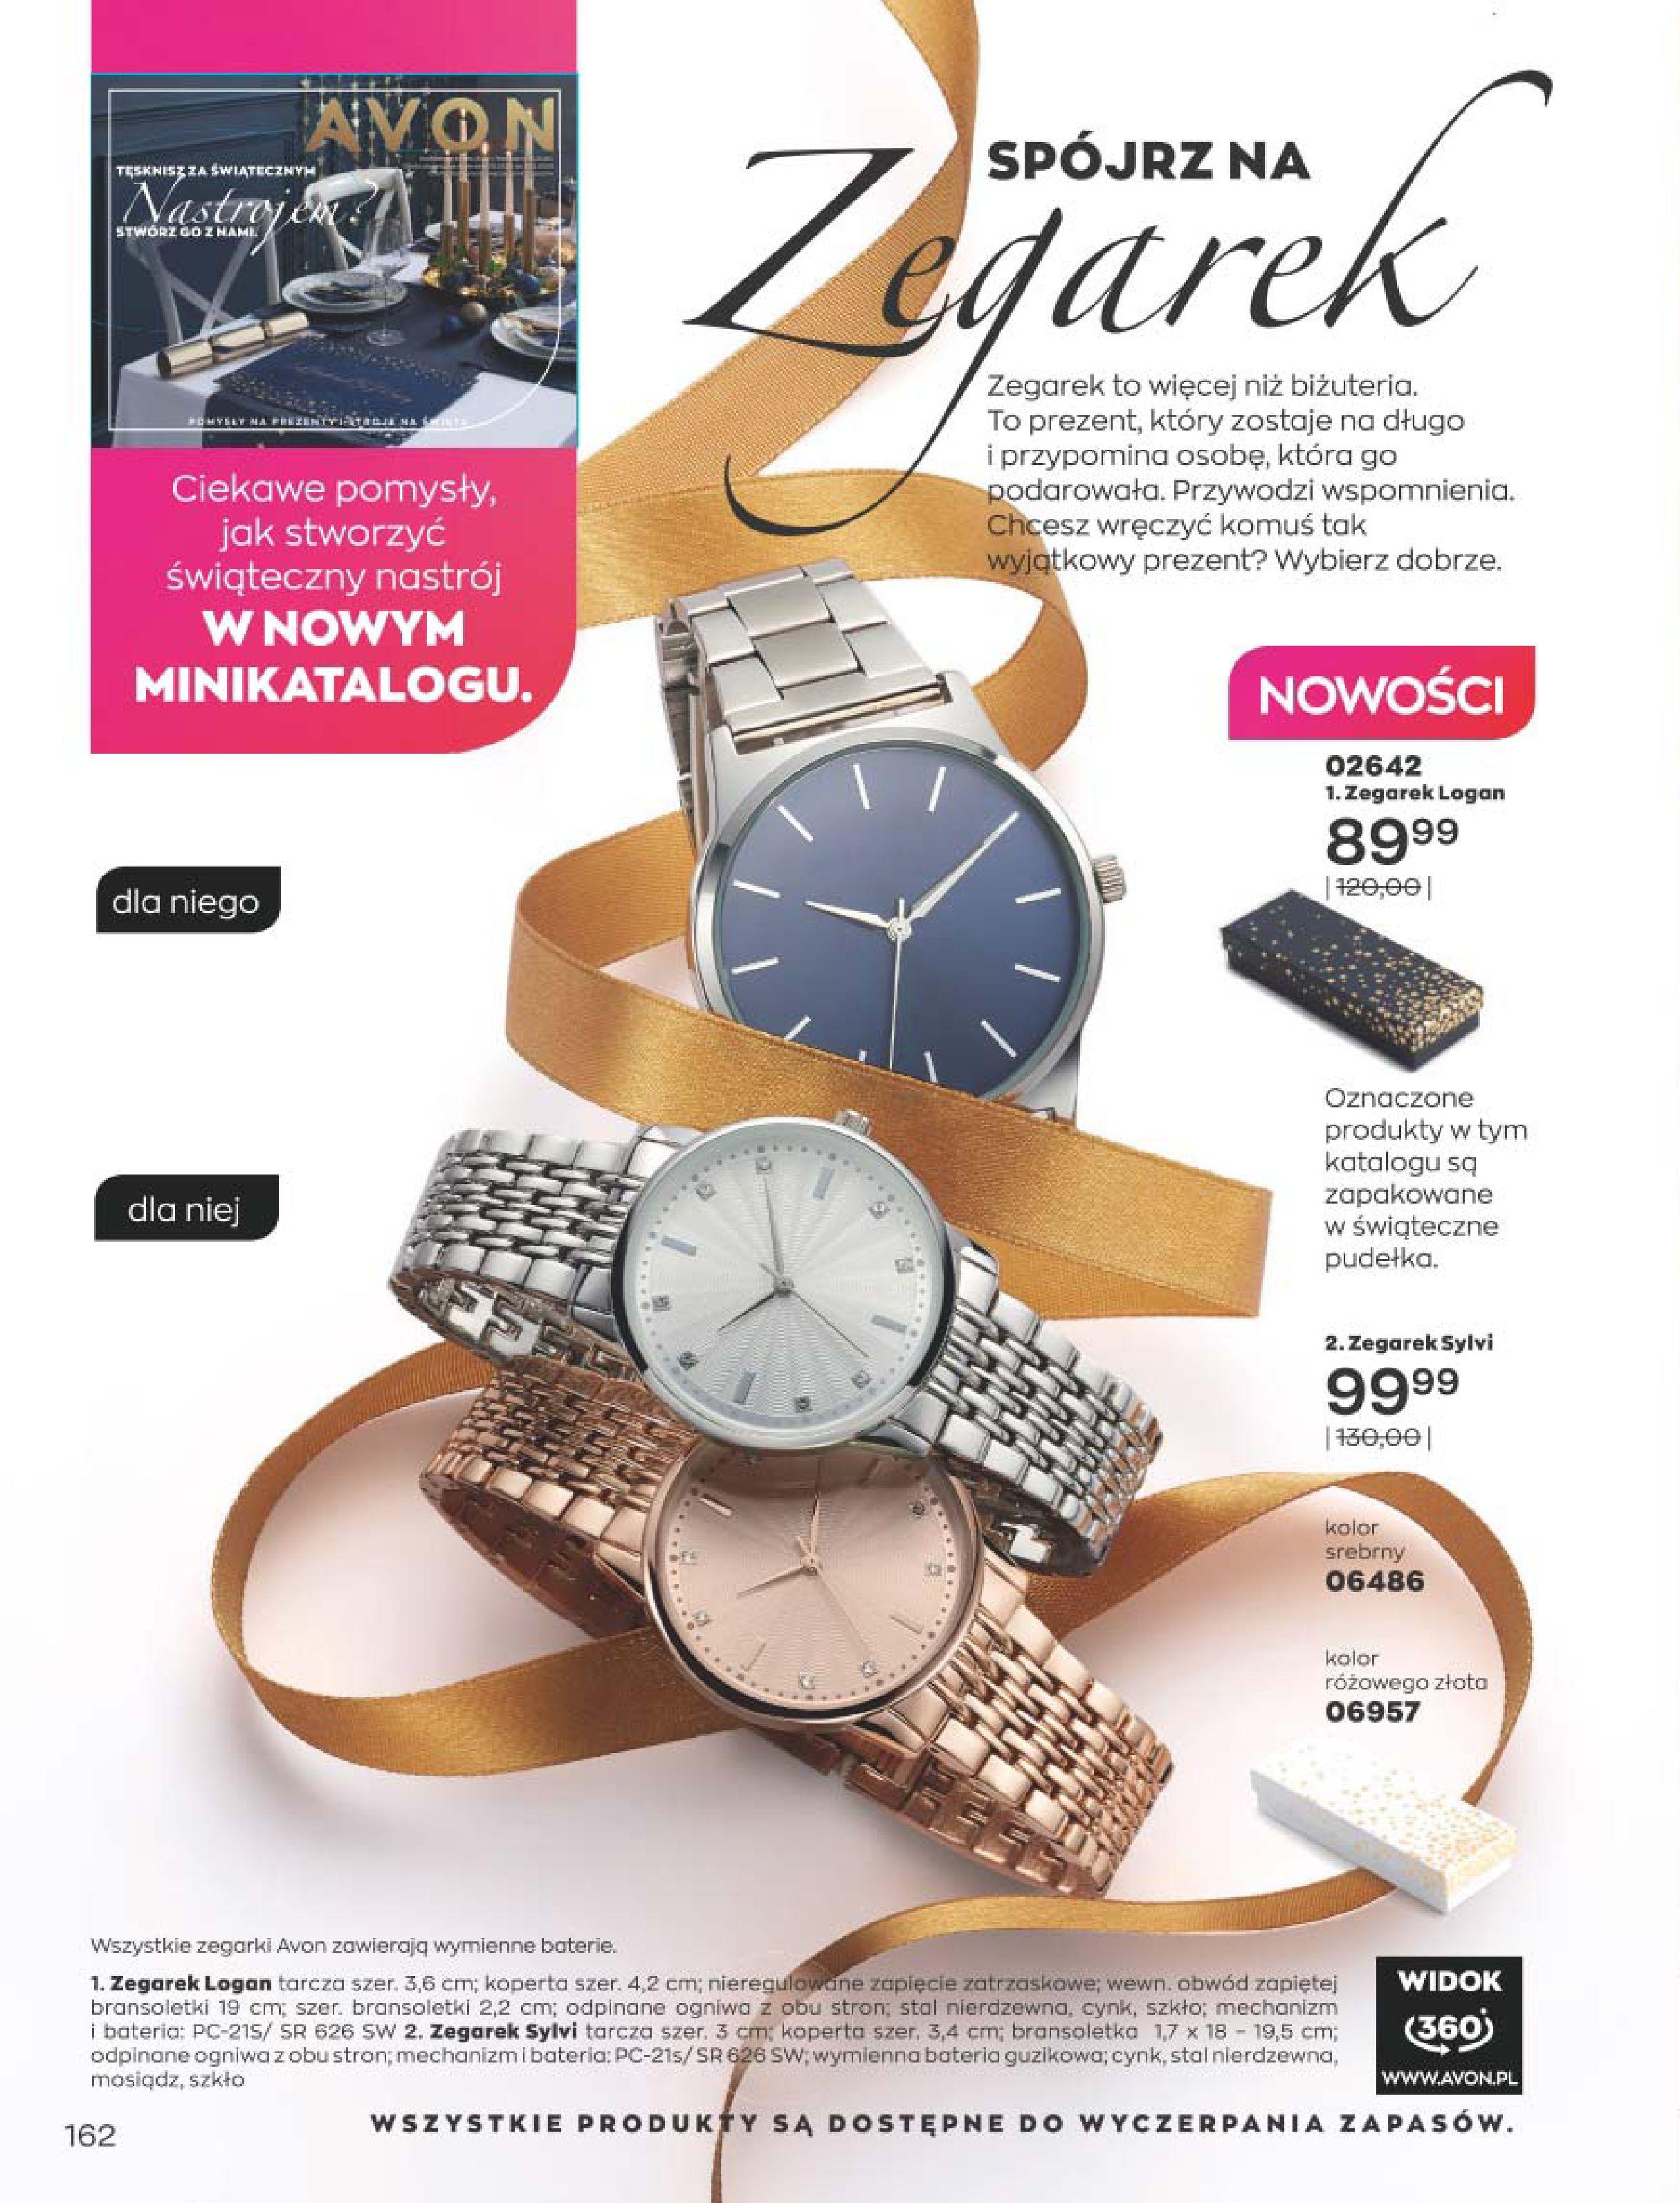 Gazetka Avon: Katalog  16/2020 2020-12-01 page-162